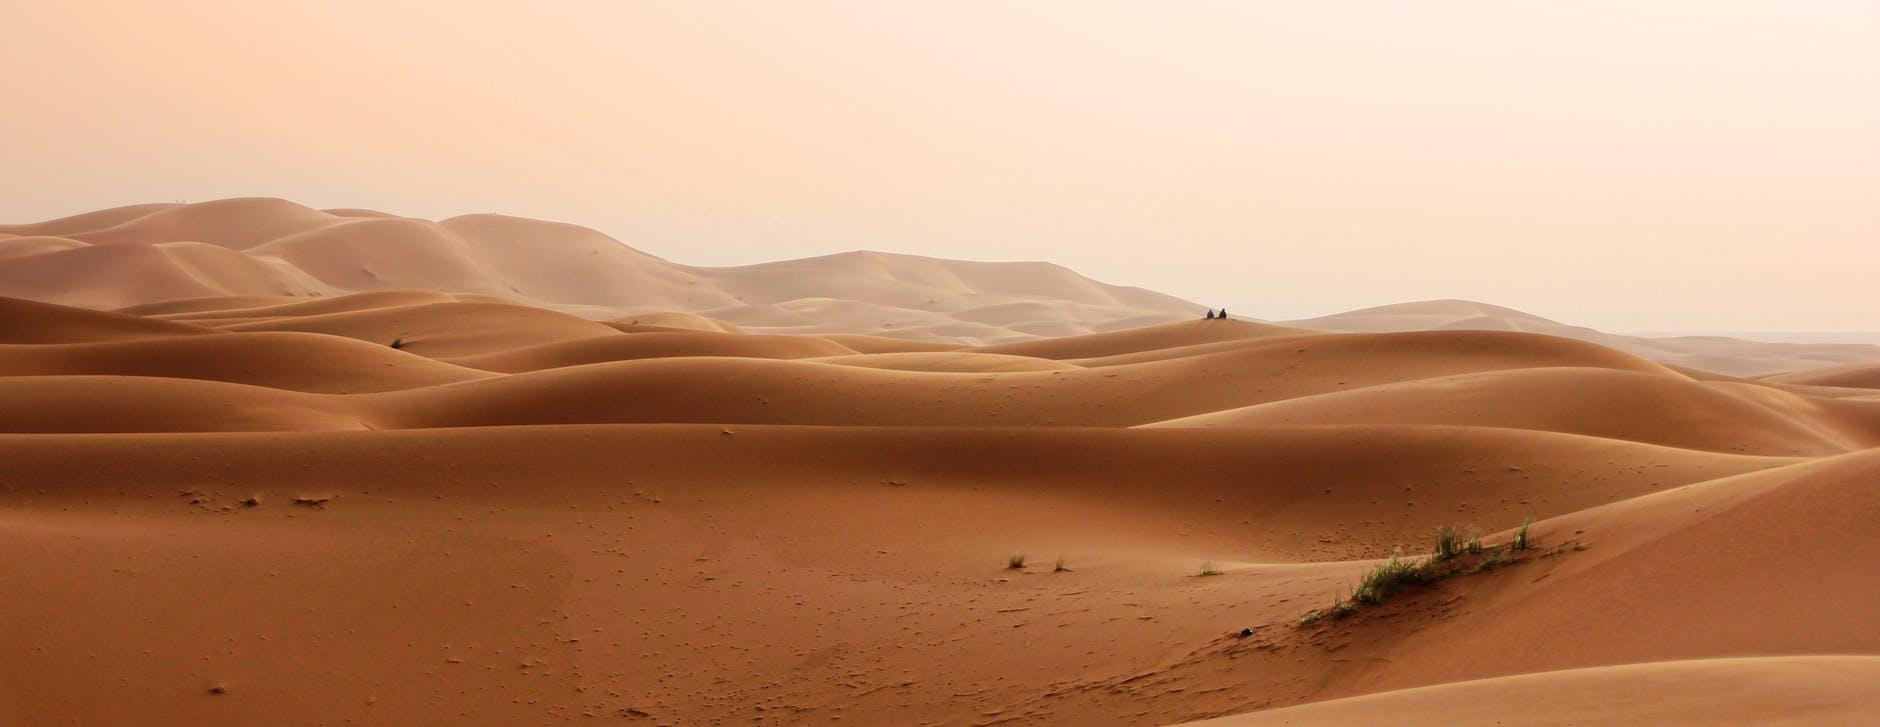 Slide-Saudi-desert-1